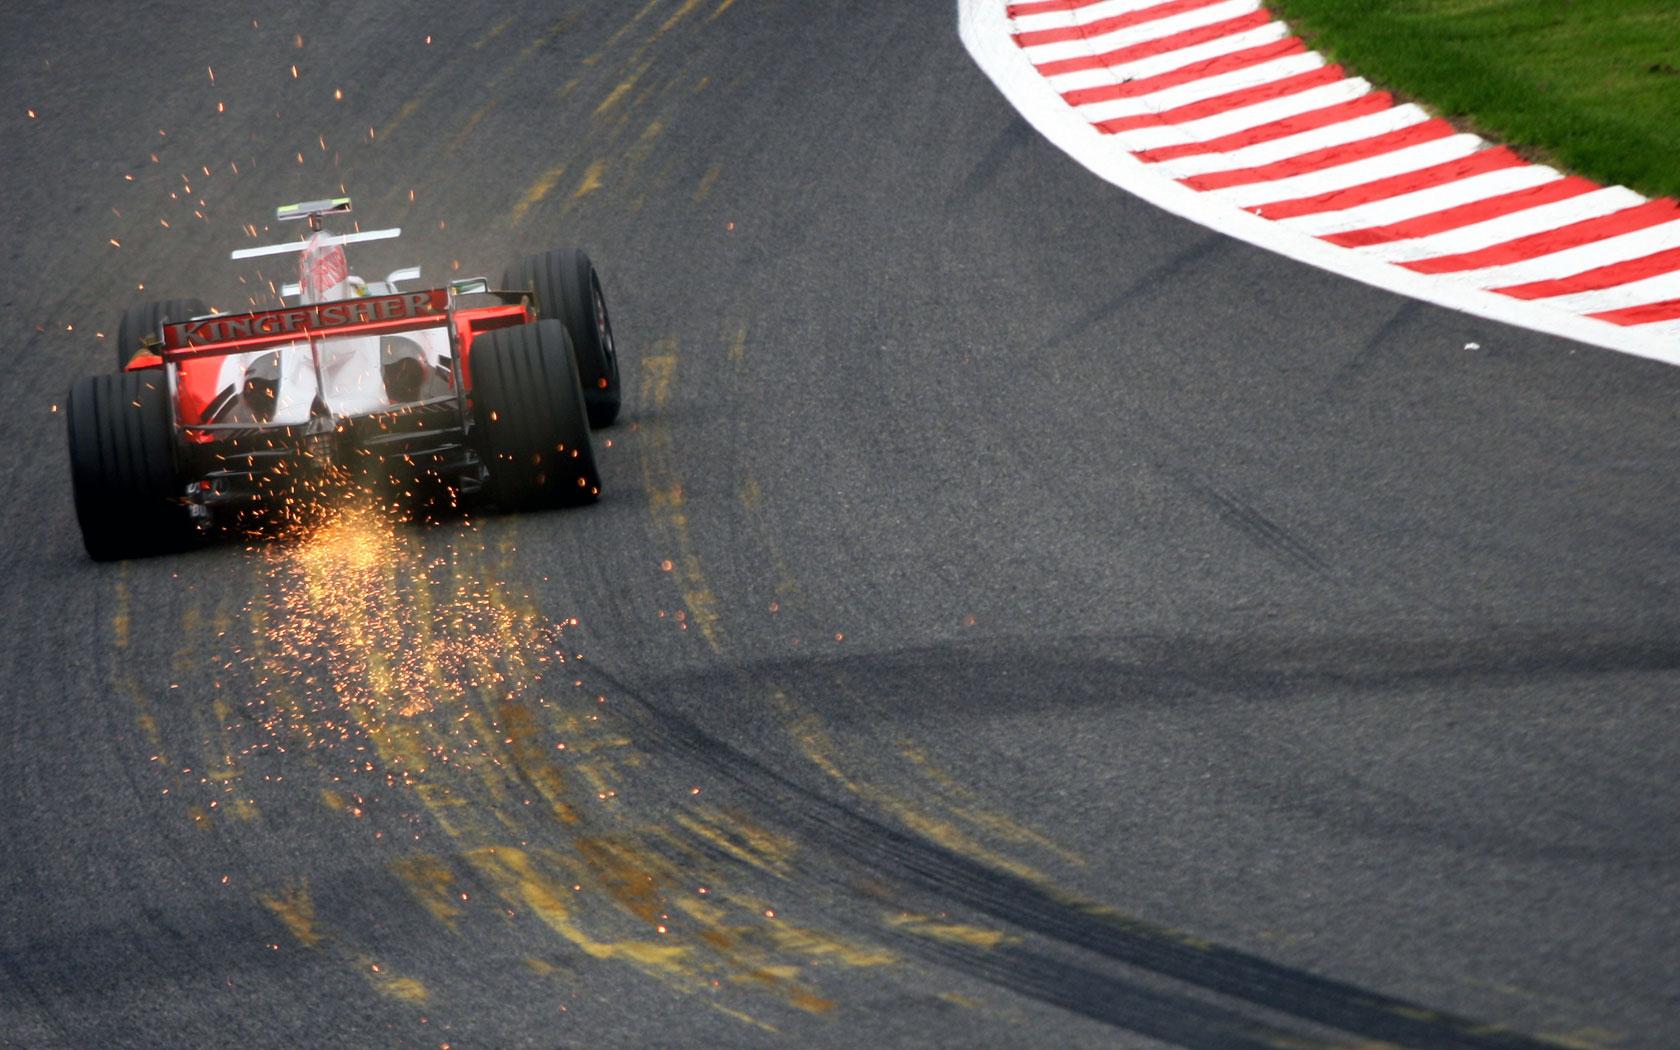 f1 track wallpaper - photo #17